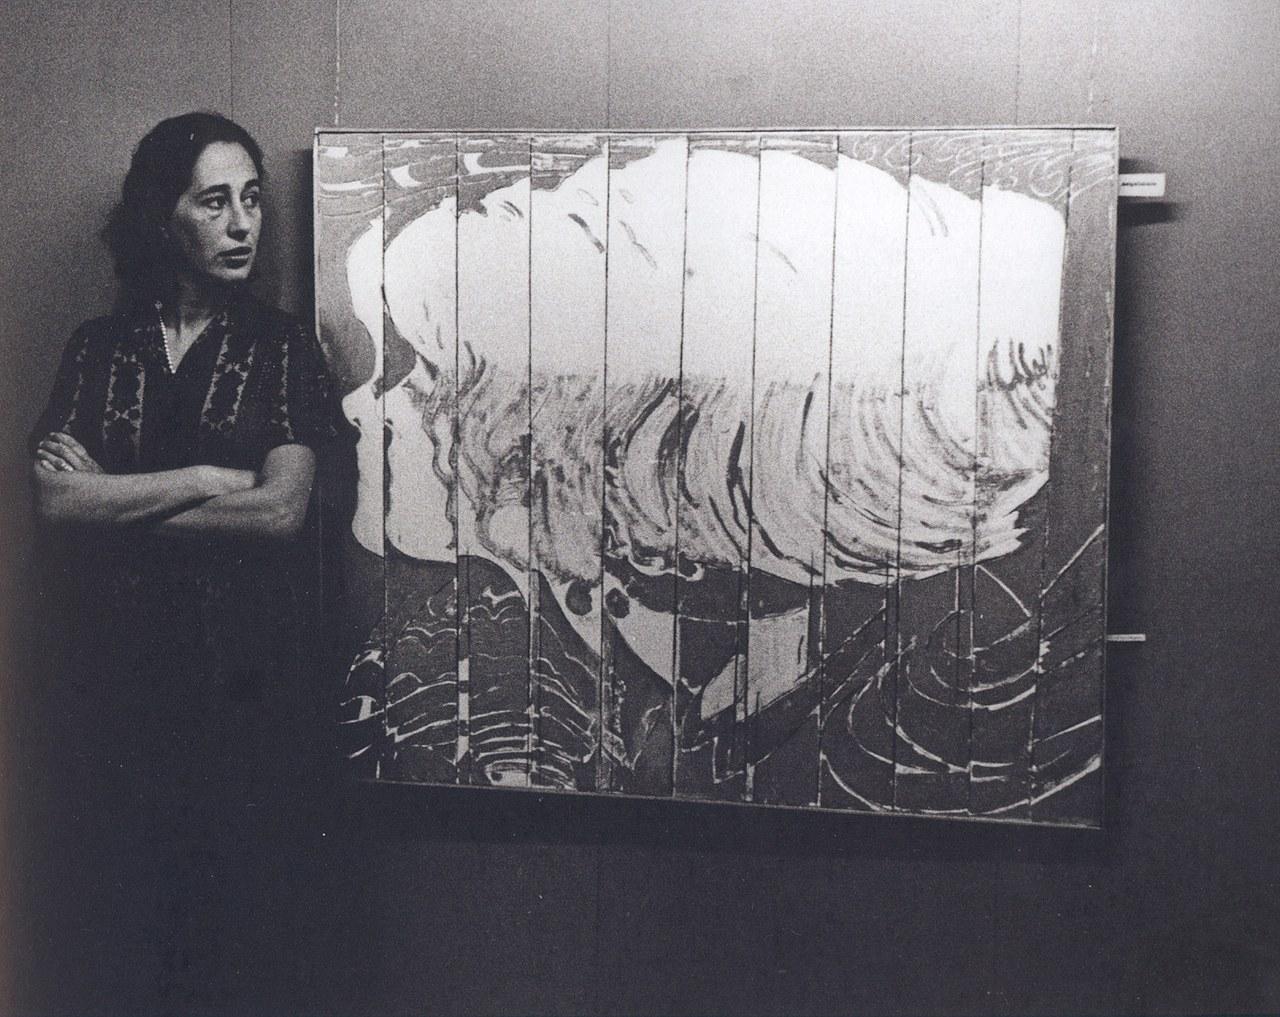 Giosetta Fioroni vicino all'opera Fascino durante l'allestimento della mostra personale alla Galleria del Cavallino, Venezia, aprile 1965